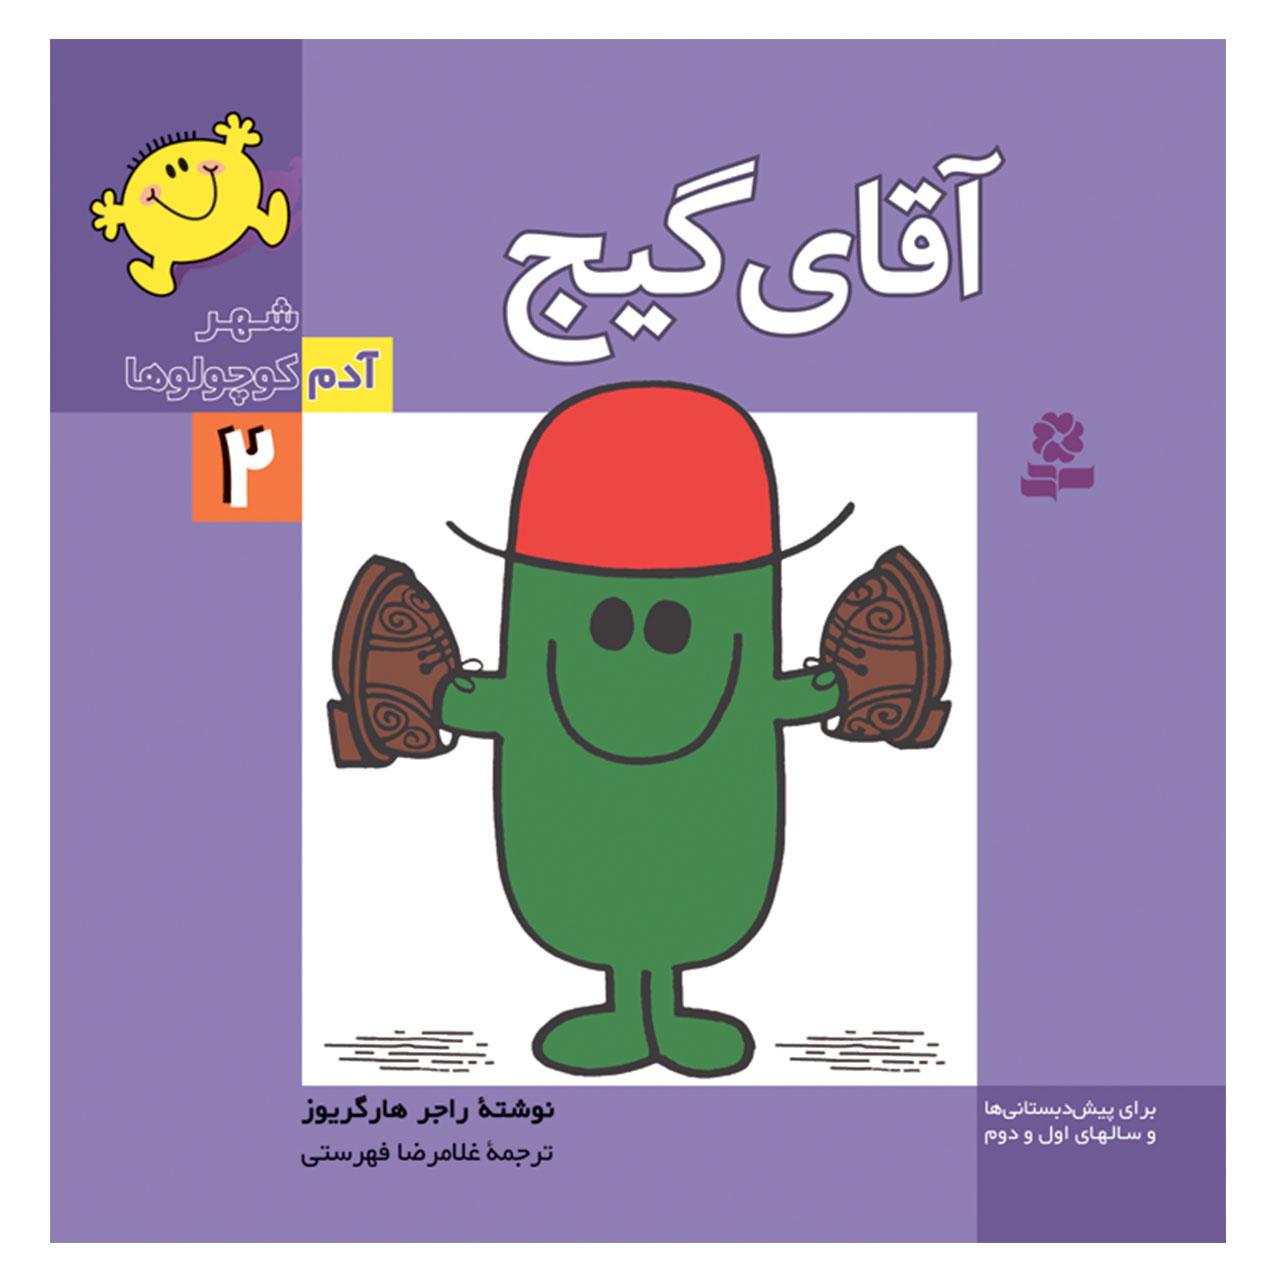 خرید                      کتاب شهر آدم کوچولوها 2 آقای گیج اثر راجر هارگریوز انتشارات قدیانی